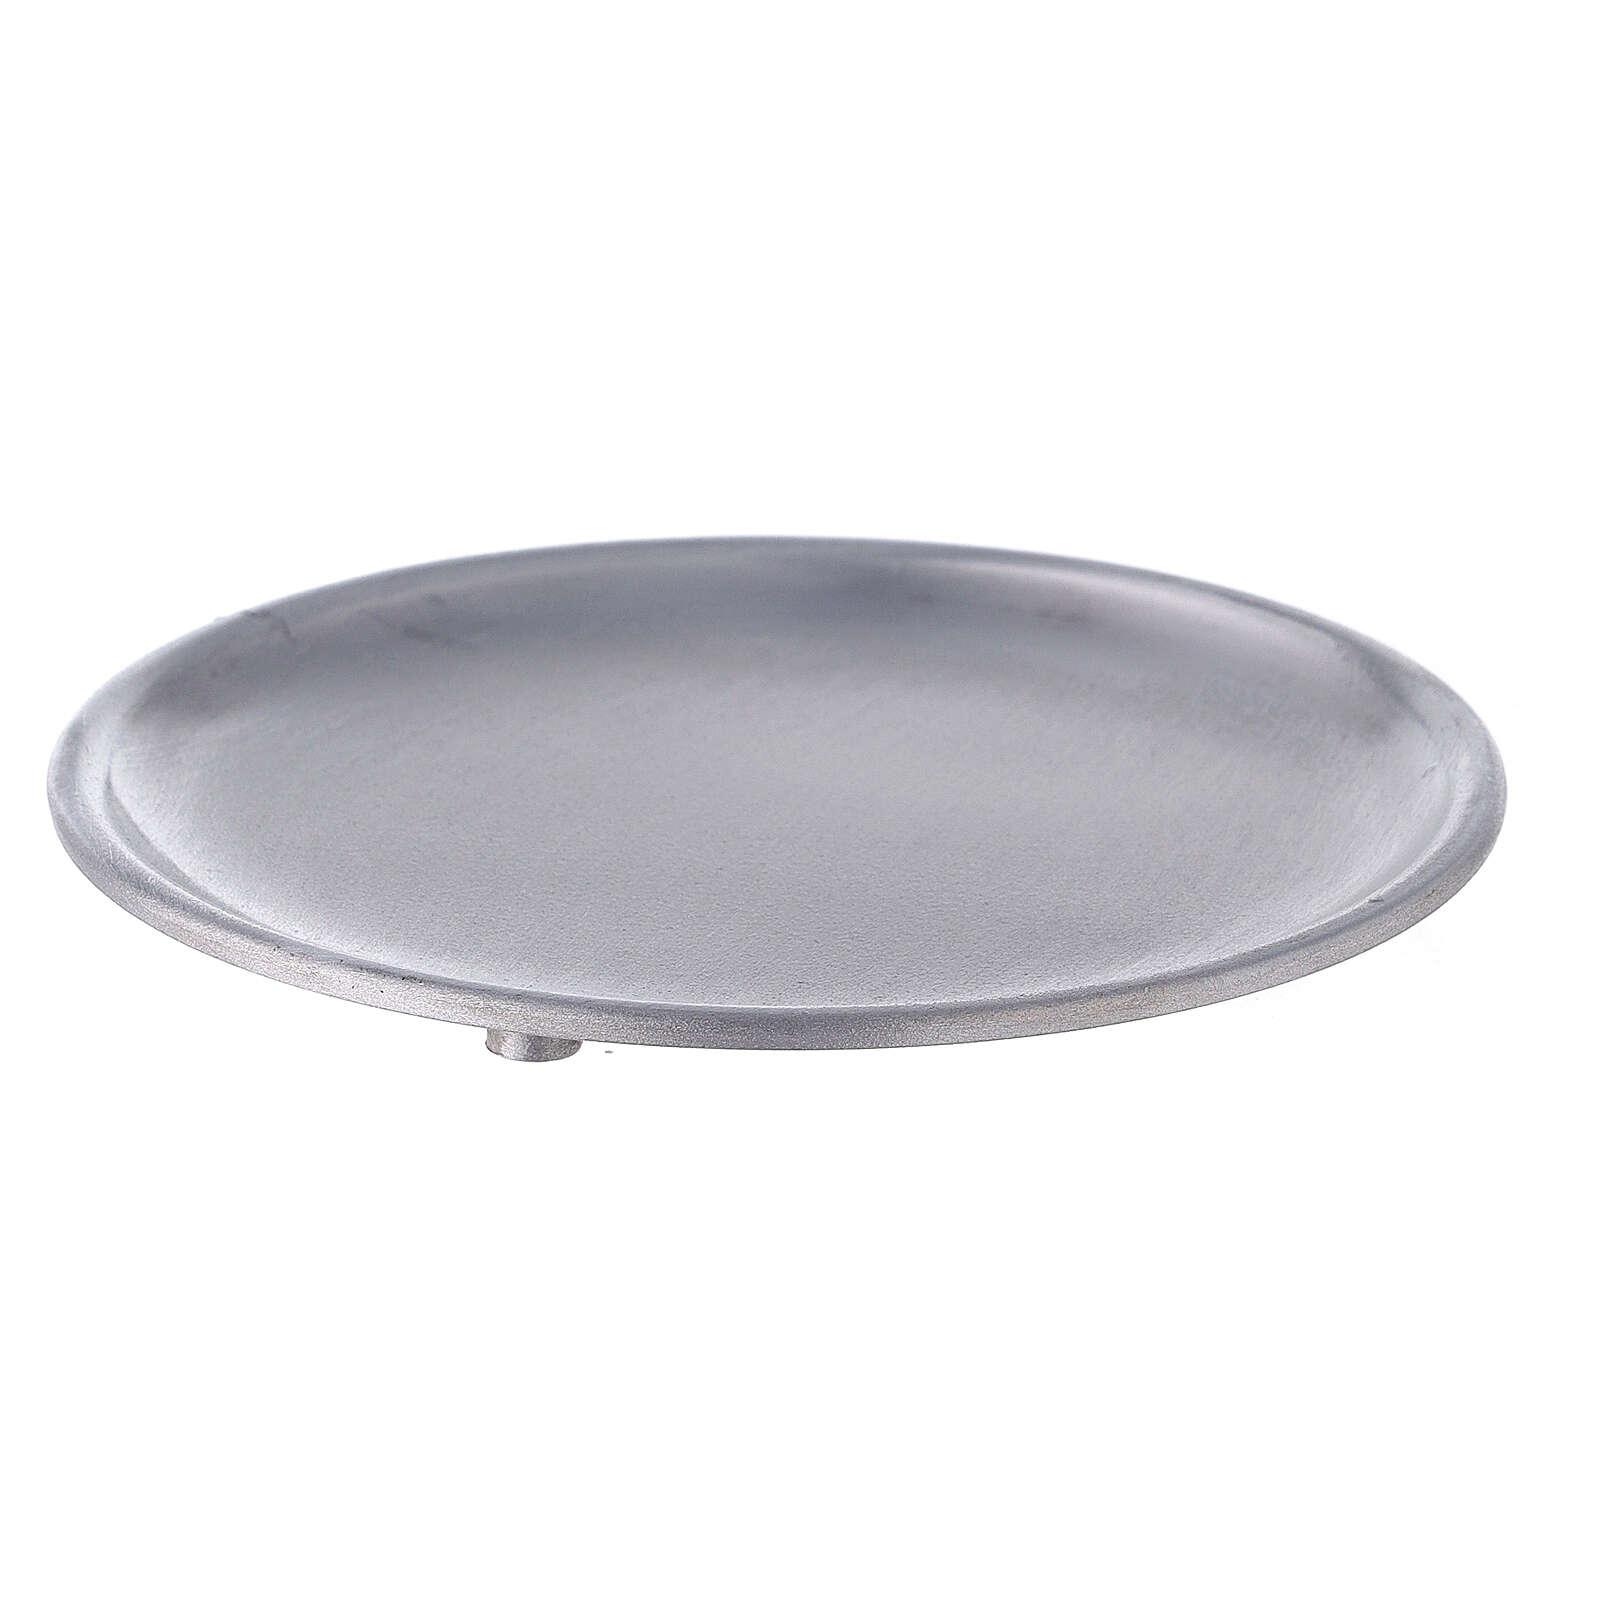 Piatto portacandela 12 cm alluminio opaco 3